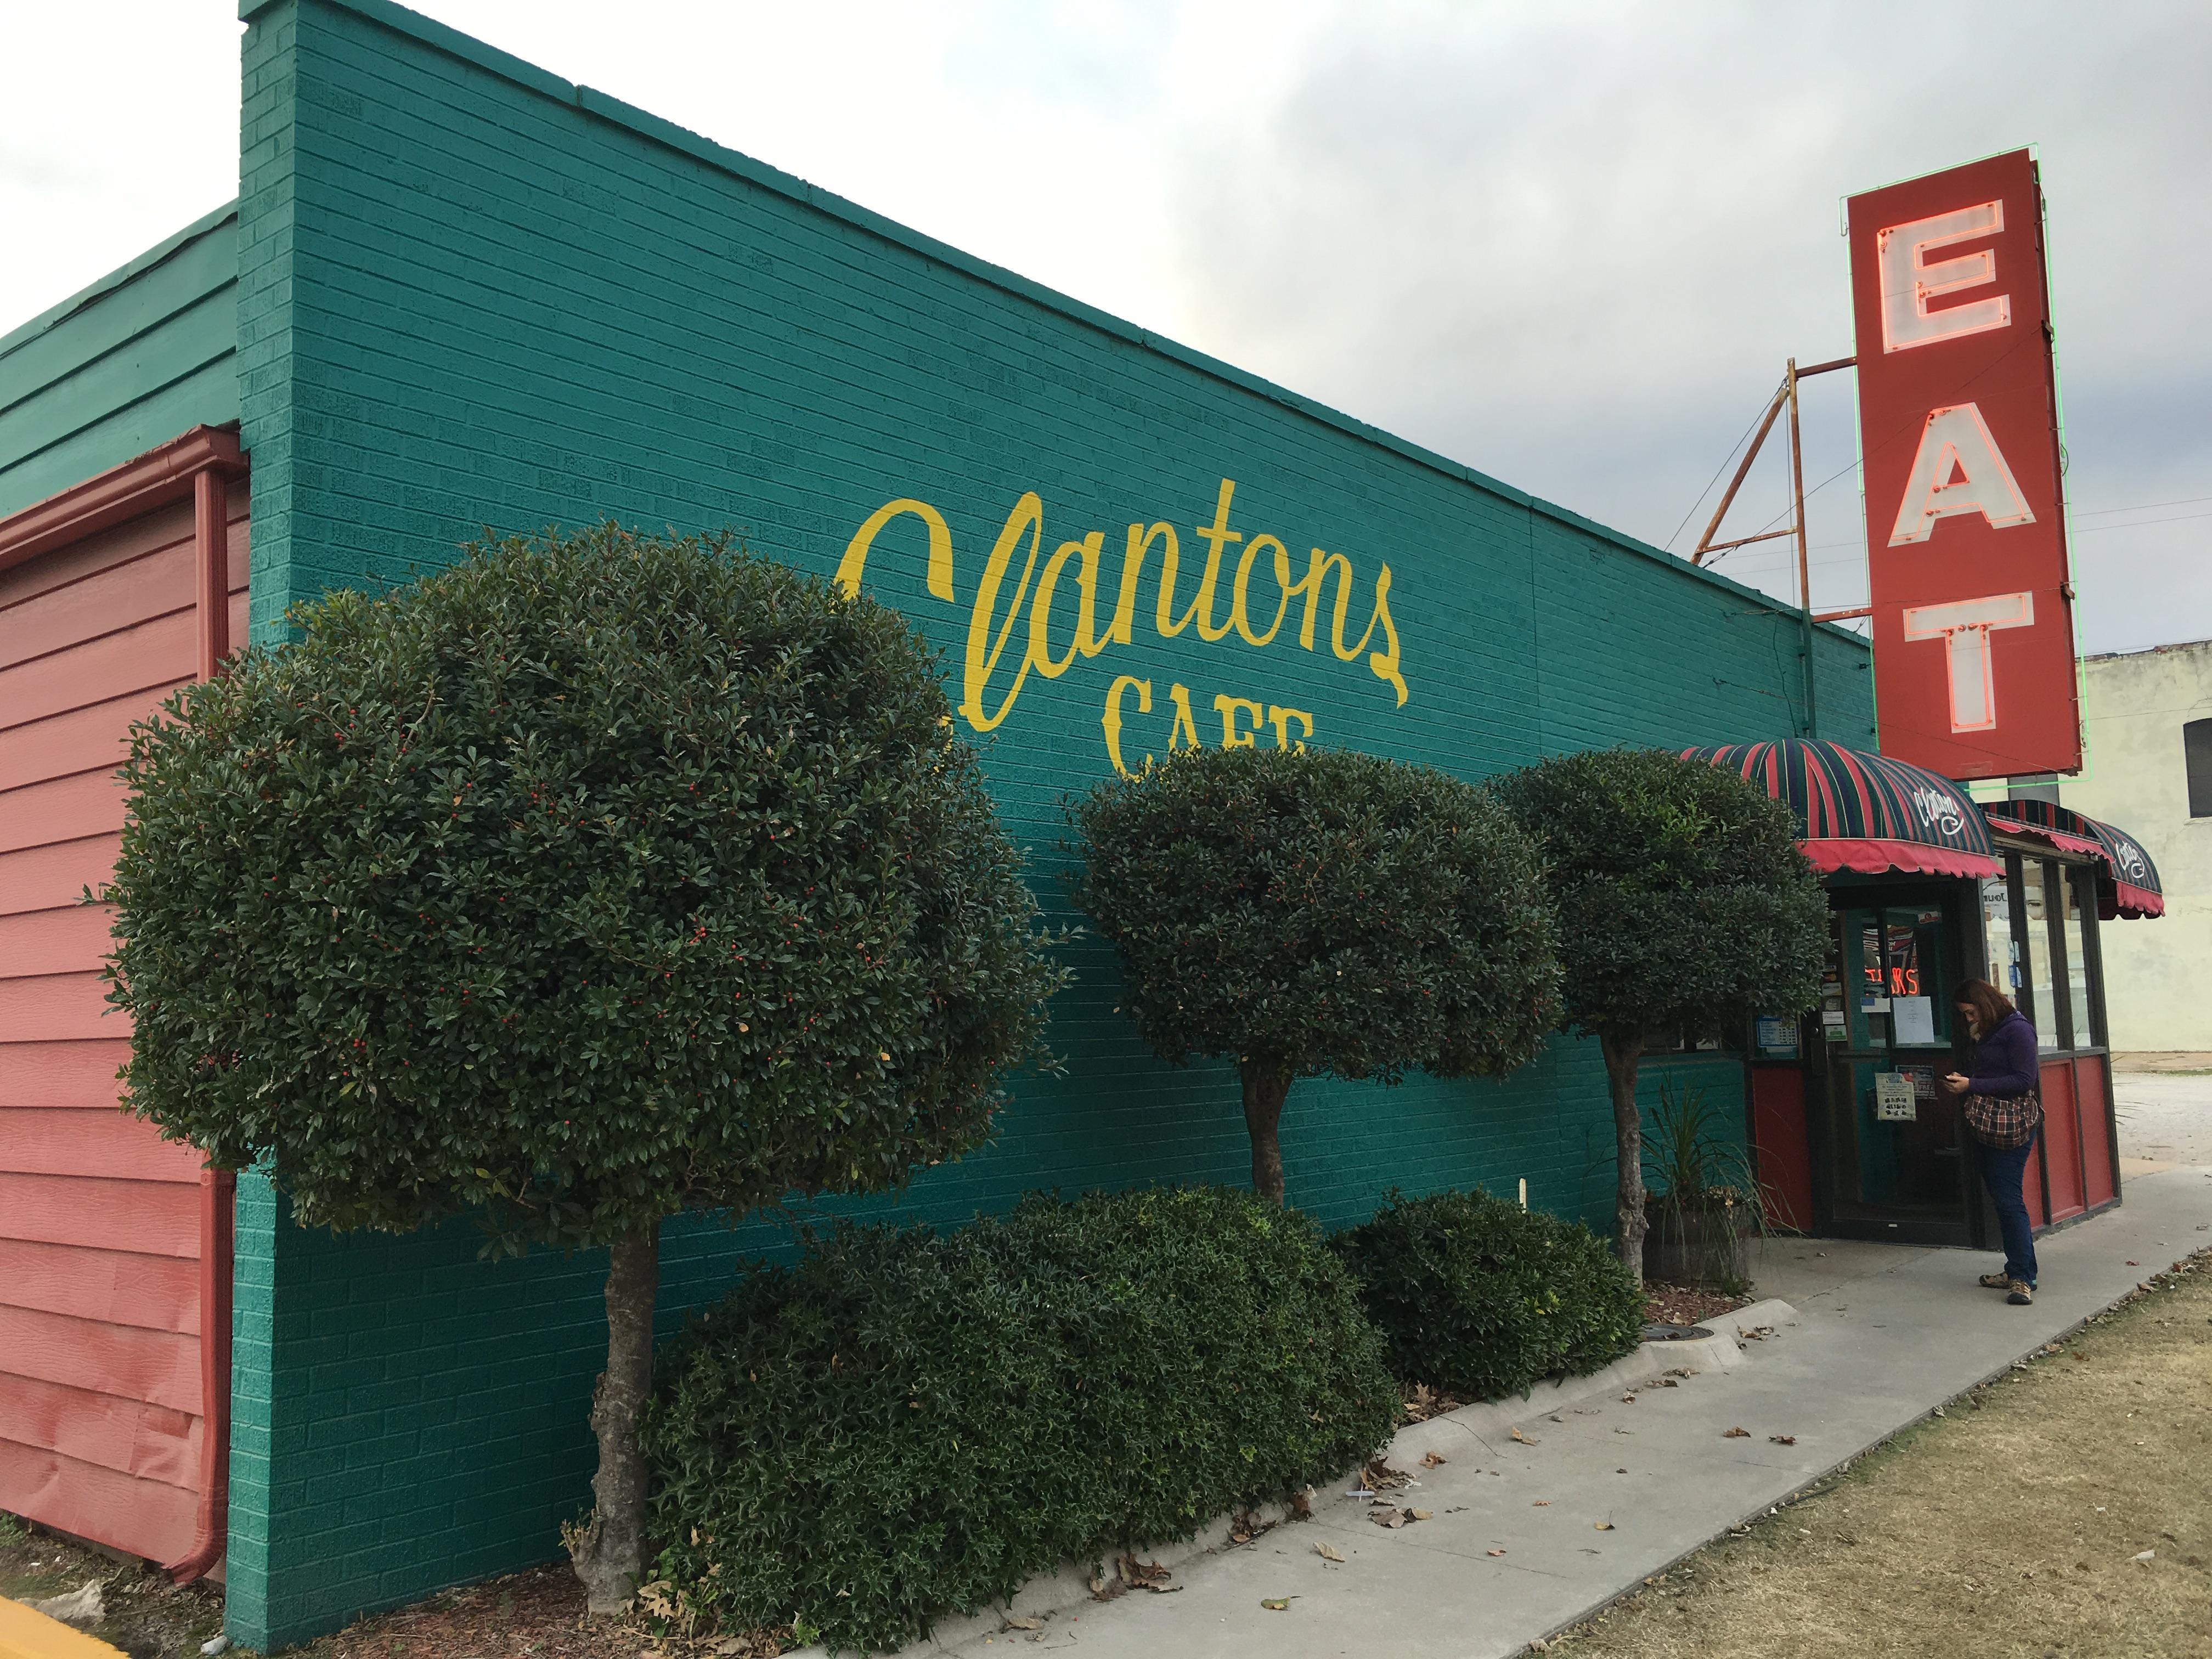 Clanton's